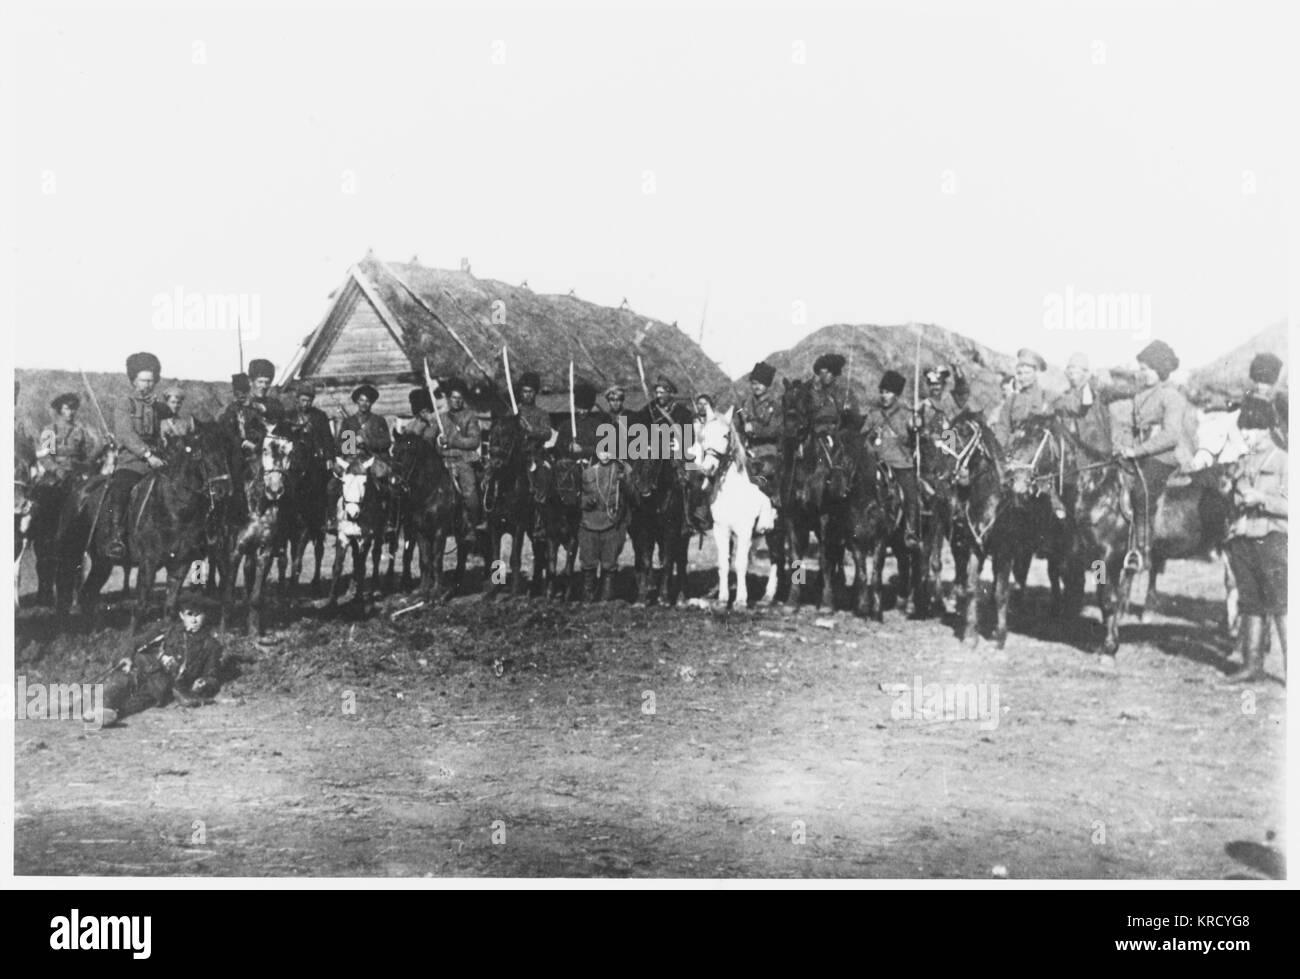 Die legendäre horsemanship der Kosaken stellt sicher, dass die Rote Armee Kavallerie einmalig effektiv ist: Stockbild